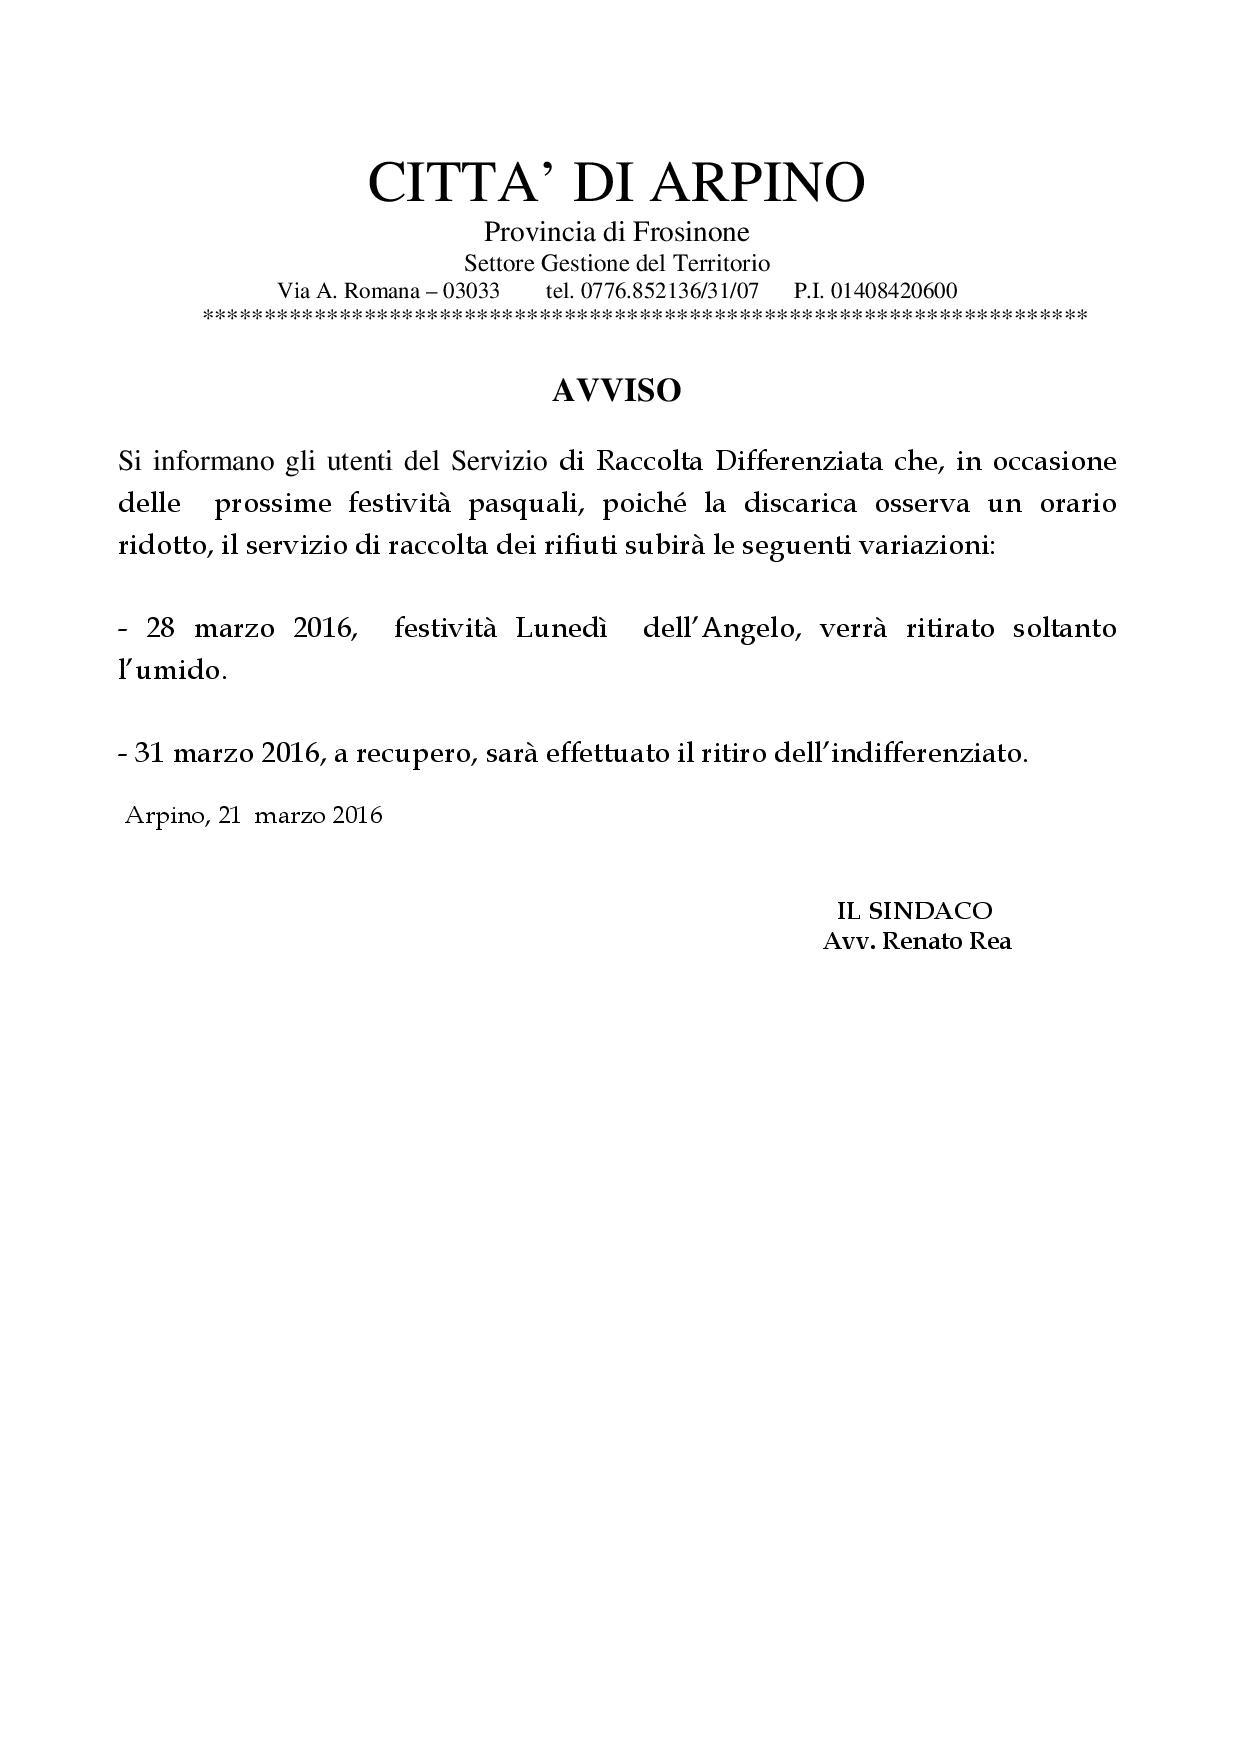 SERVIZIO TRACCOLTA DIFFERENZIATA FESTIVITA' PASQUALI